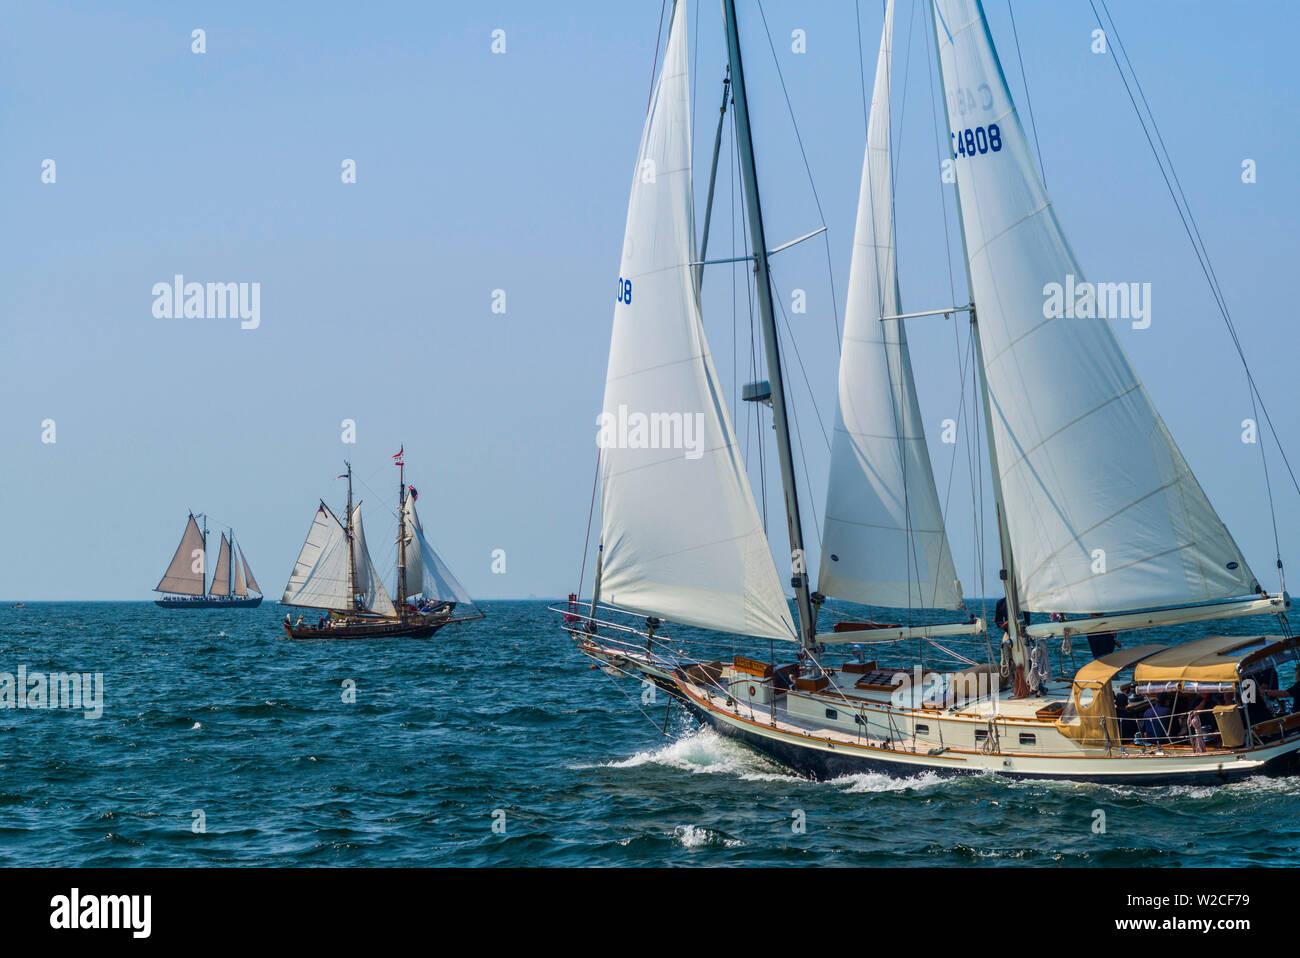 Stati Uniti d'America, Massachusetts, Cape Ann, Gloucester, America più antichi della Seaport, goletta annuale Festival Immagini Stock